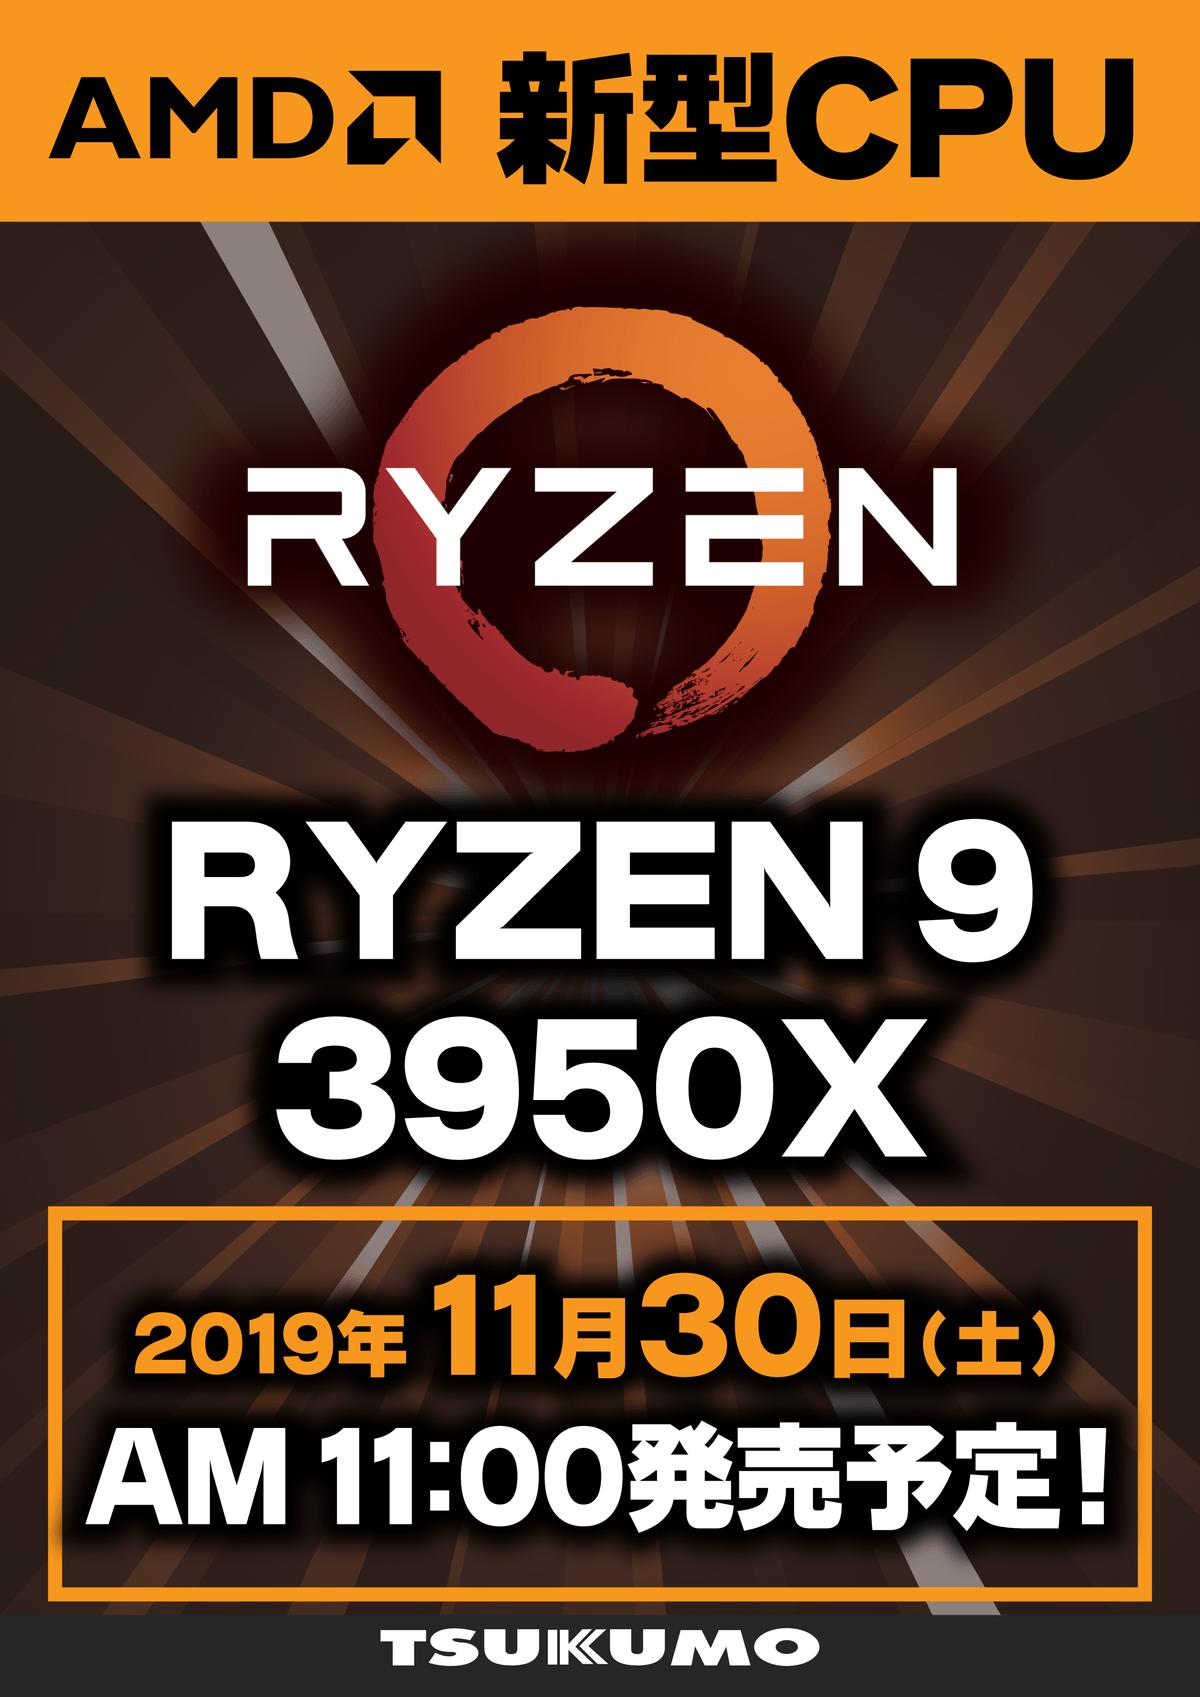 AMD_Ryzen 3950X_191130.png